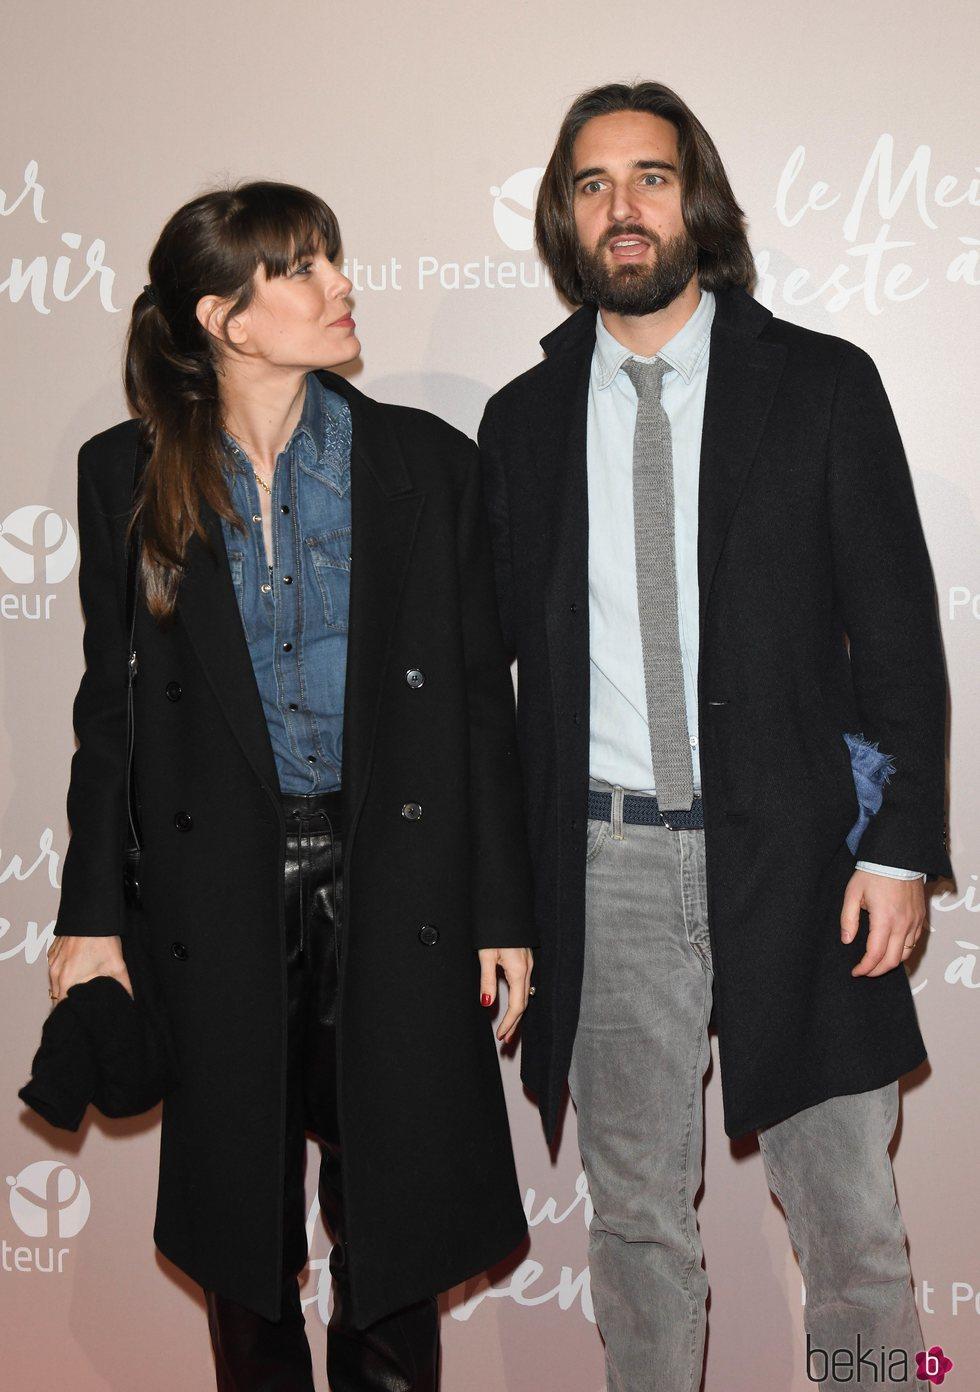 Carlota Casiraghi mira a Dimitri Rassam en el estreno de 'Le meilleur reste à venir'